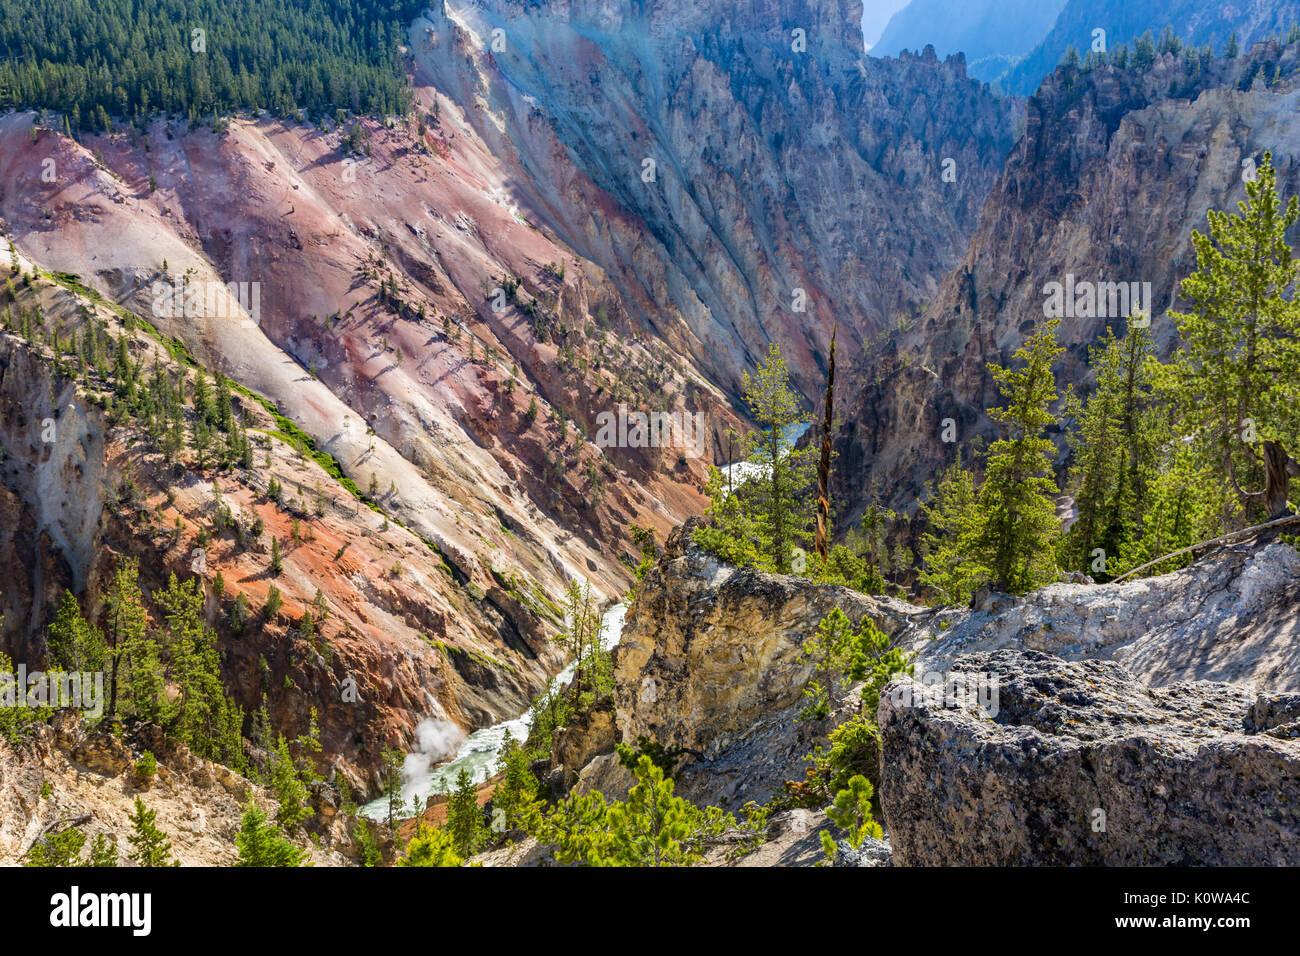 Una vista mirando hacia el Gran Cañón del Yellowstone de Artist Point en el Parque Nacional Yellowstone, Wyoming Imagen De Stock